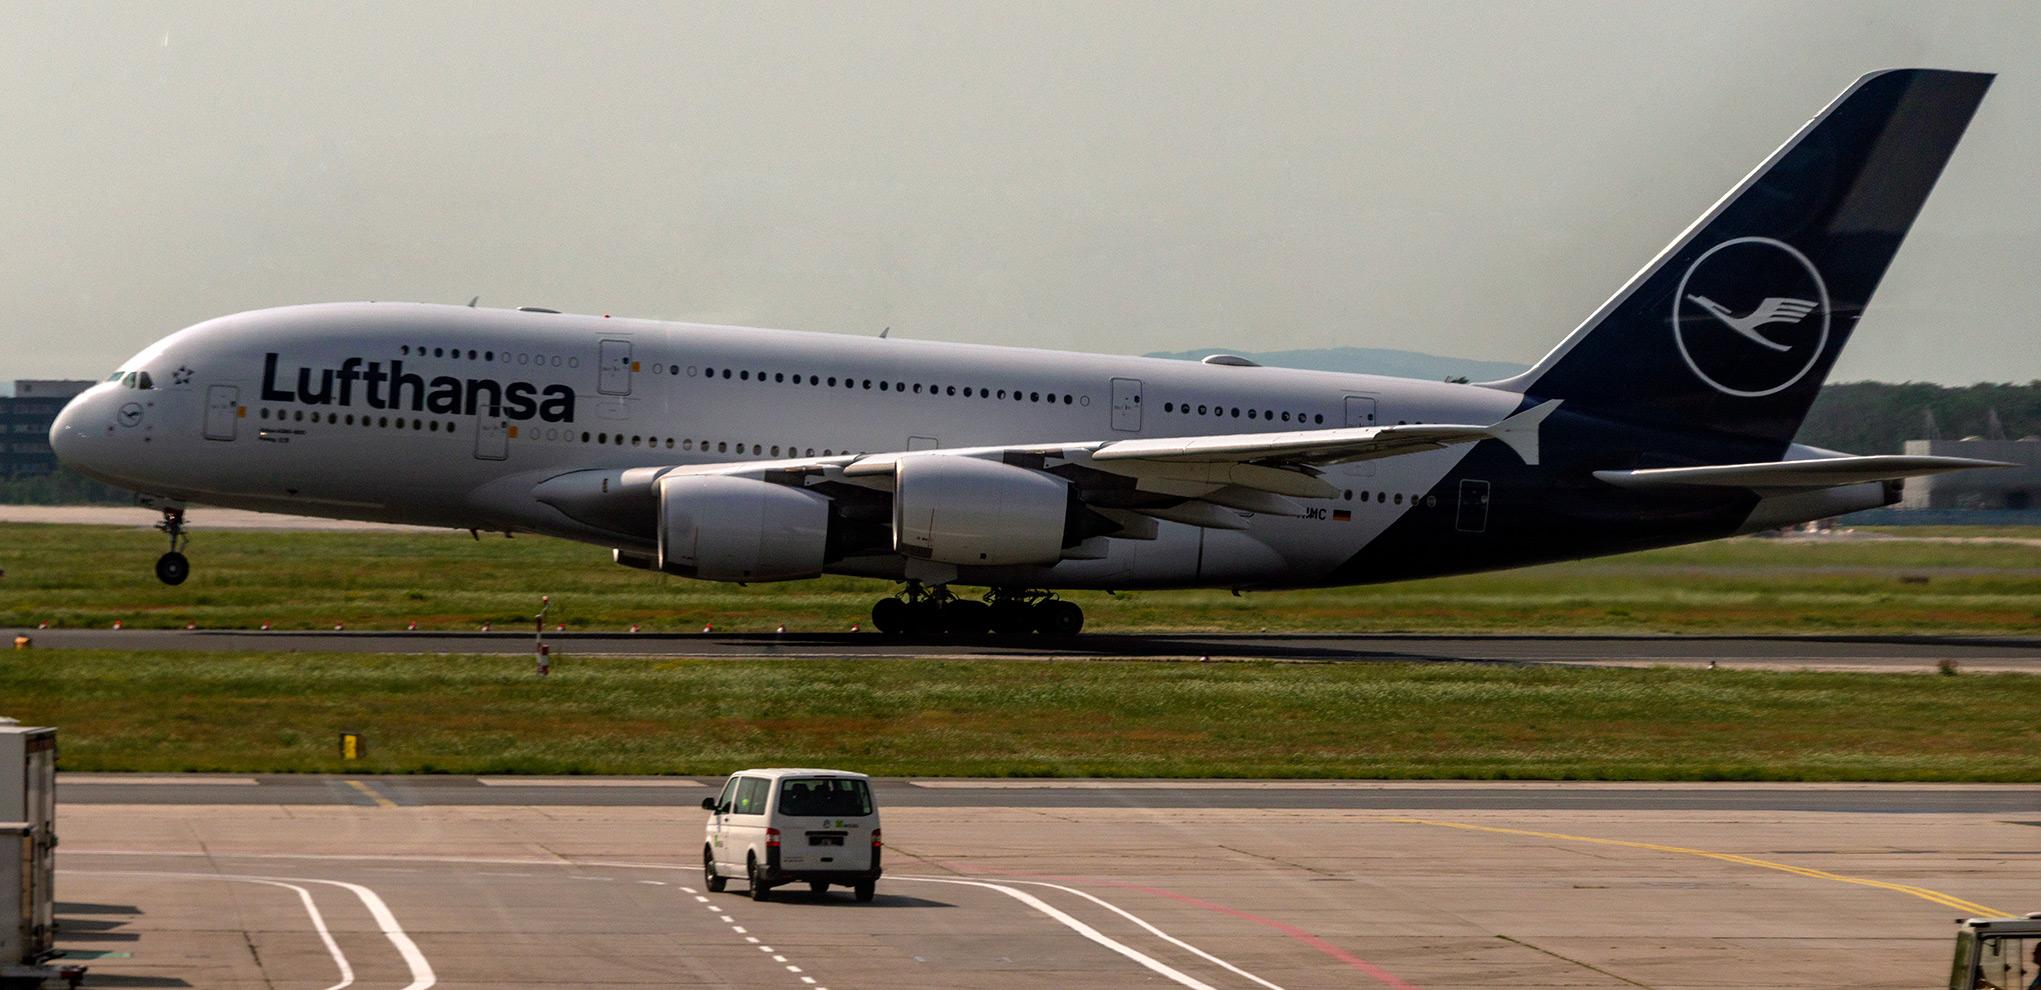 Lufthansa Airbus A380 liftoff